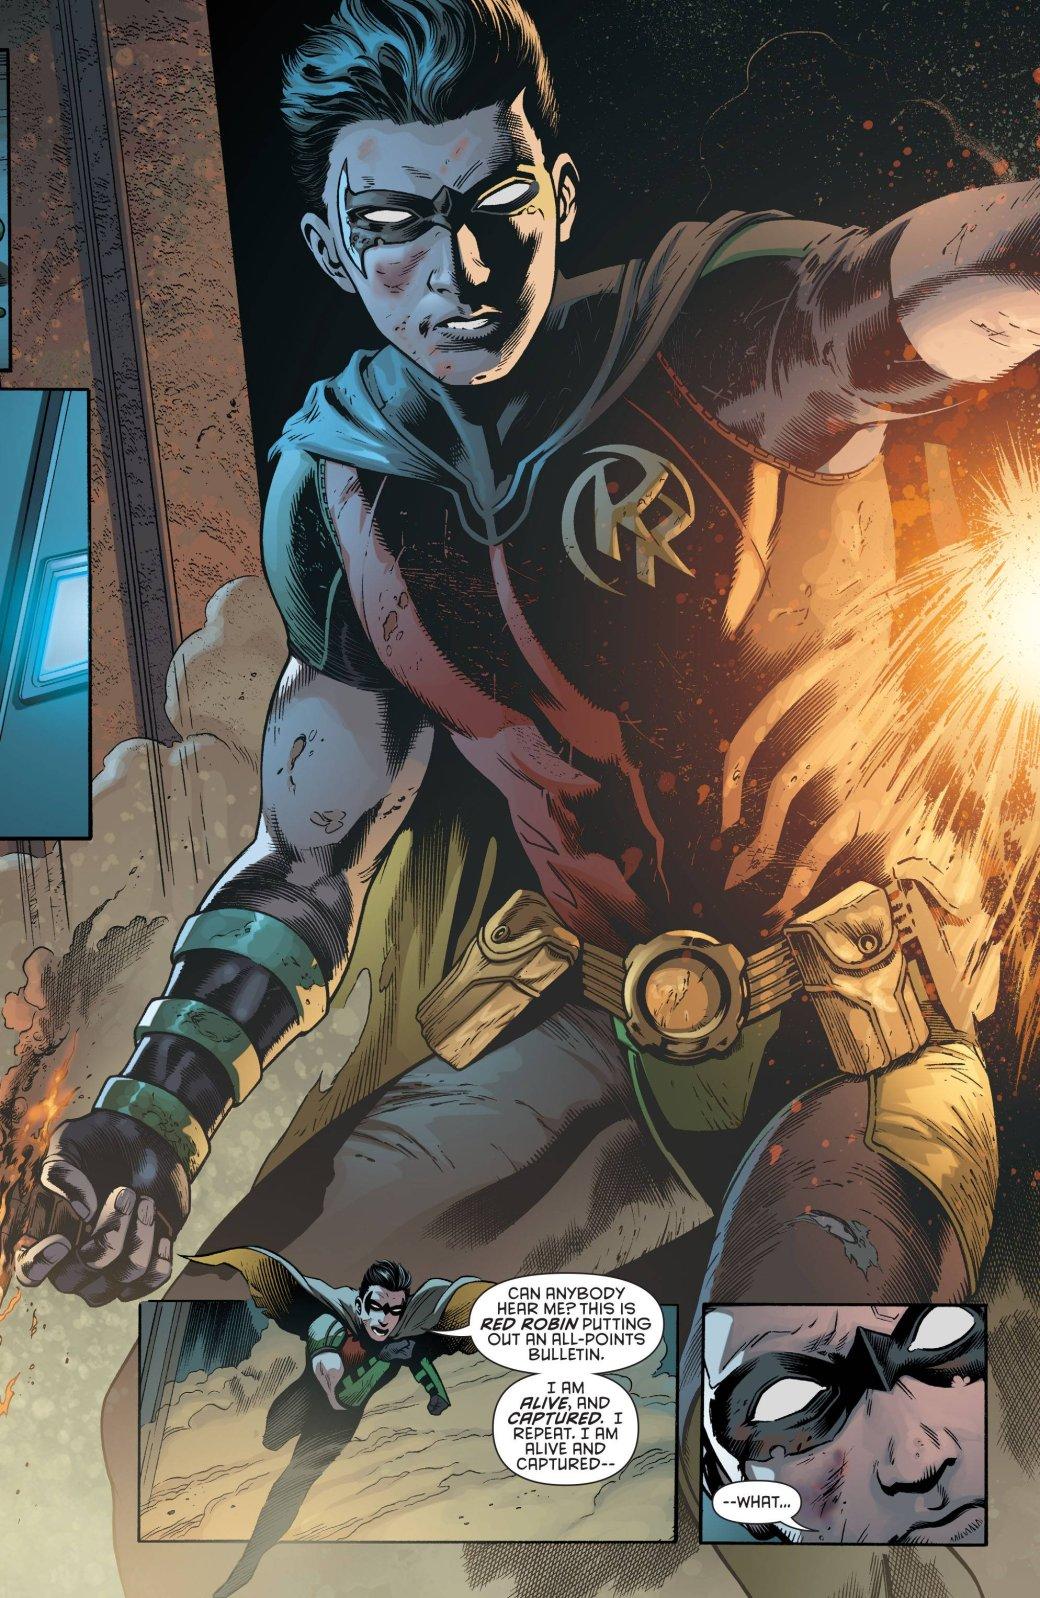 Бэтмен будущего, данетот: как два Тима Дрейка встретились настраницах комикса DC. - Изображение 3